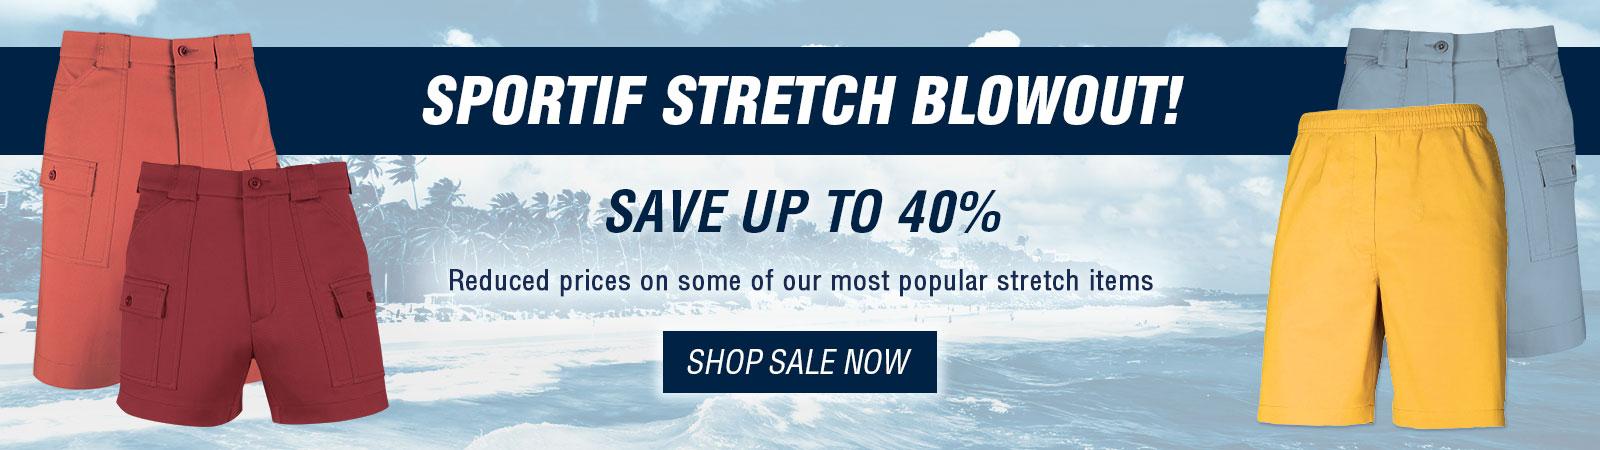 Sportif Stretch Blowout - Sale Stretch